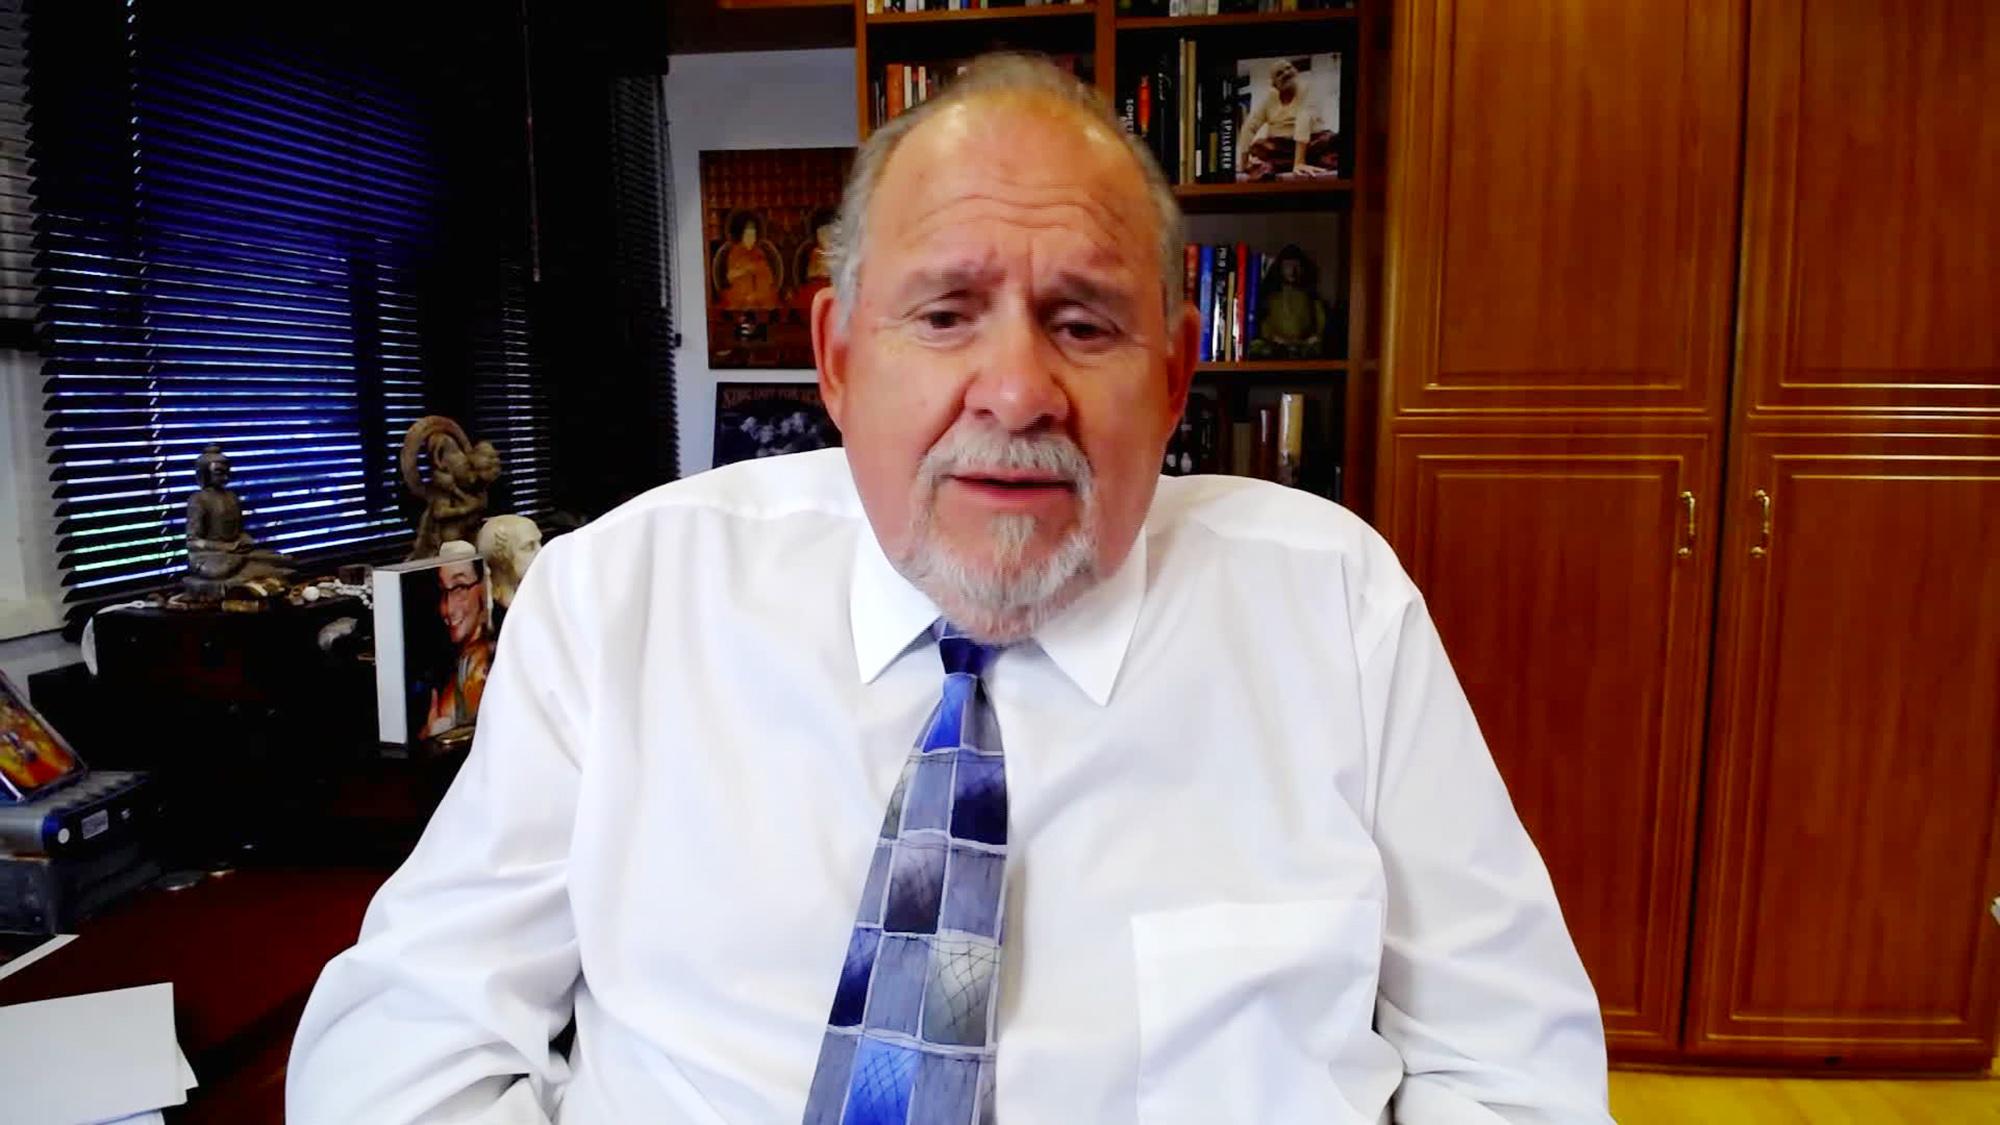 Dr. Larry Brilliant.